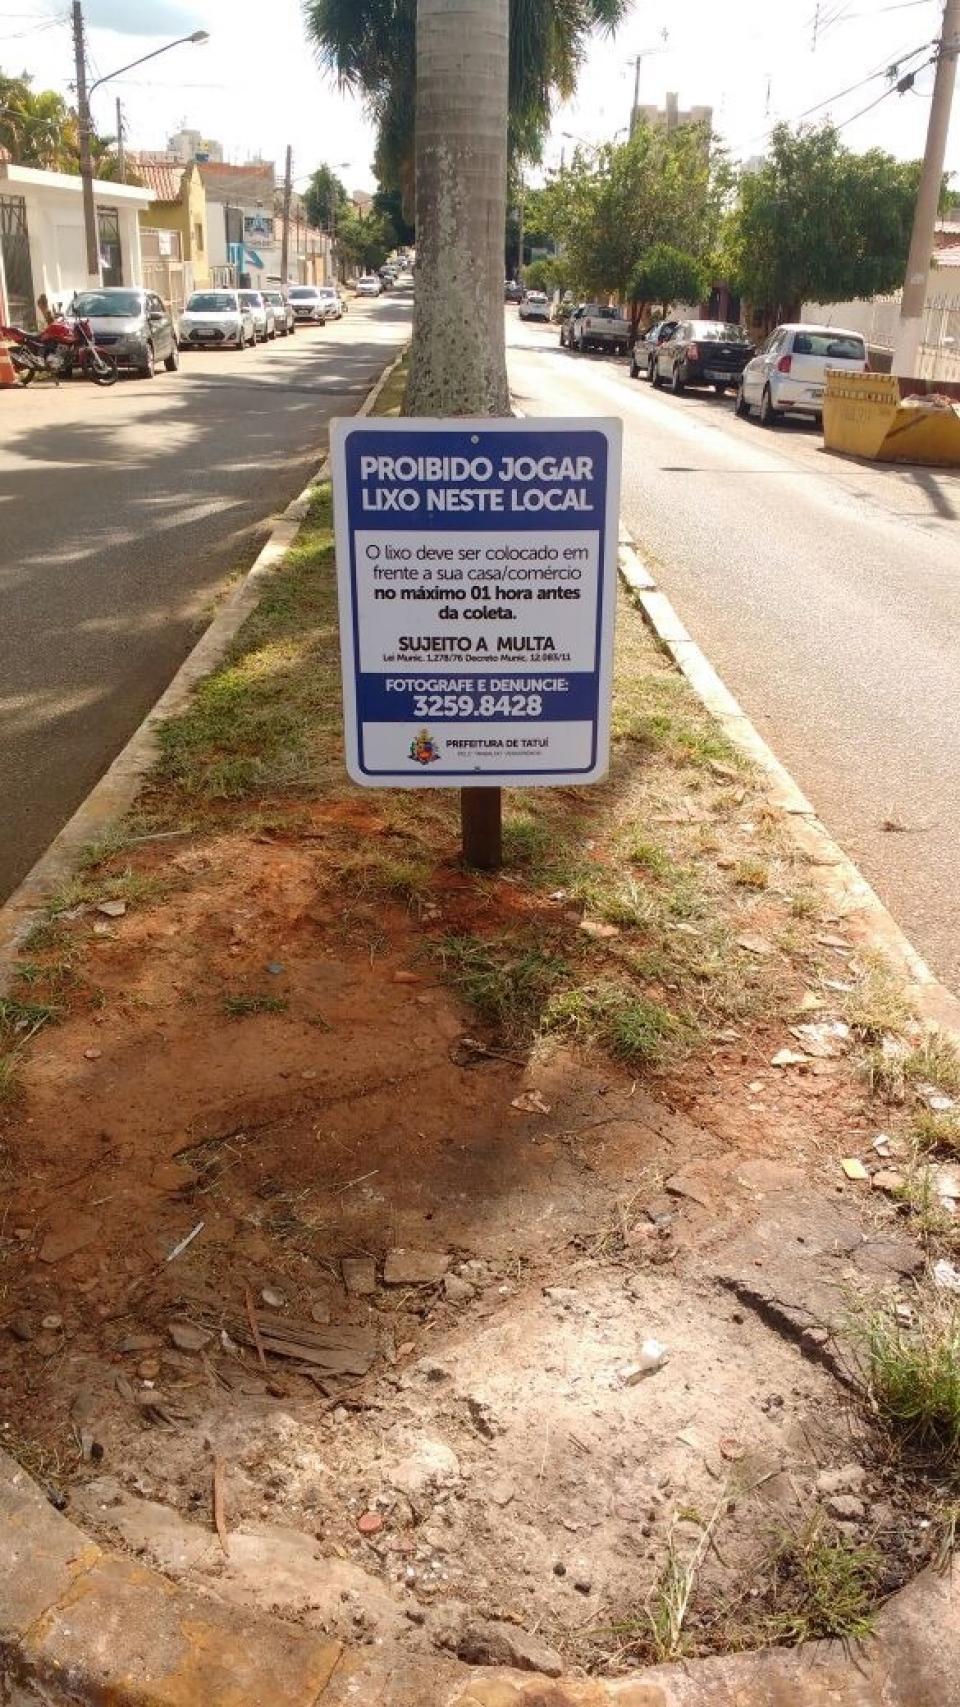 PLACAS COM ADVERTÊNCIA SOBRE O DEPÓSITO DE LIXO FORA DO HORÁRIO DE COLETA SÃO INSTALADAS